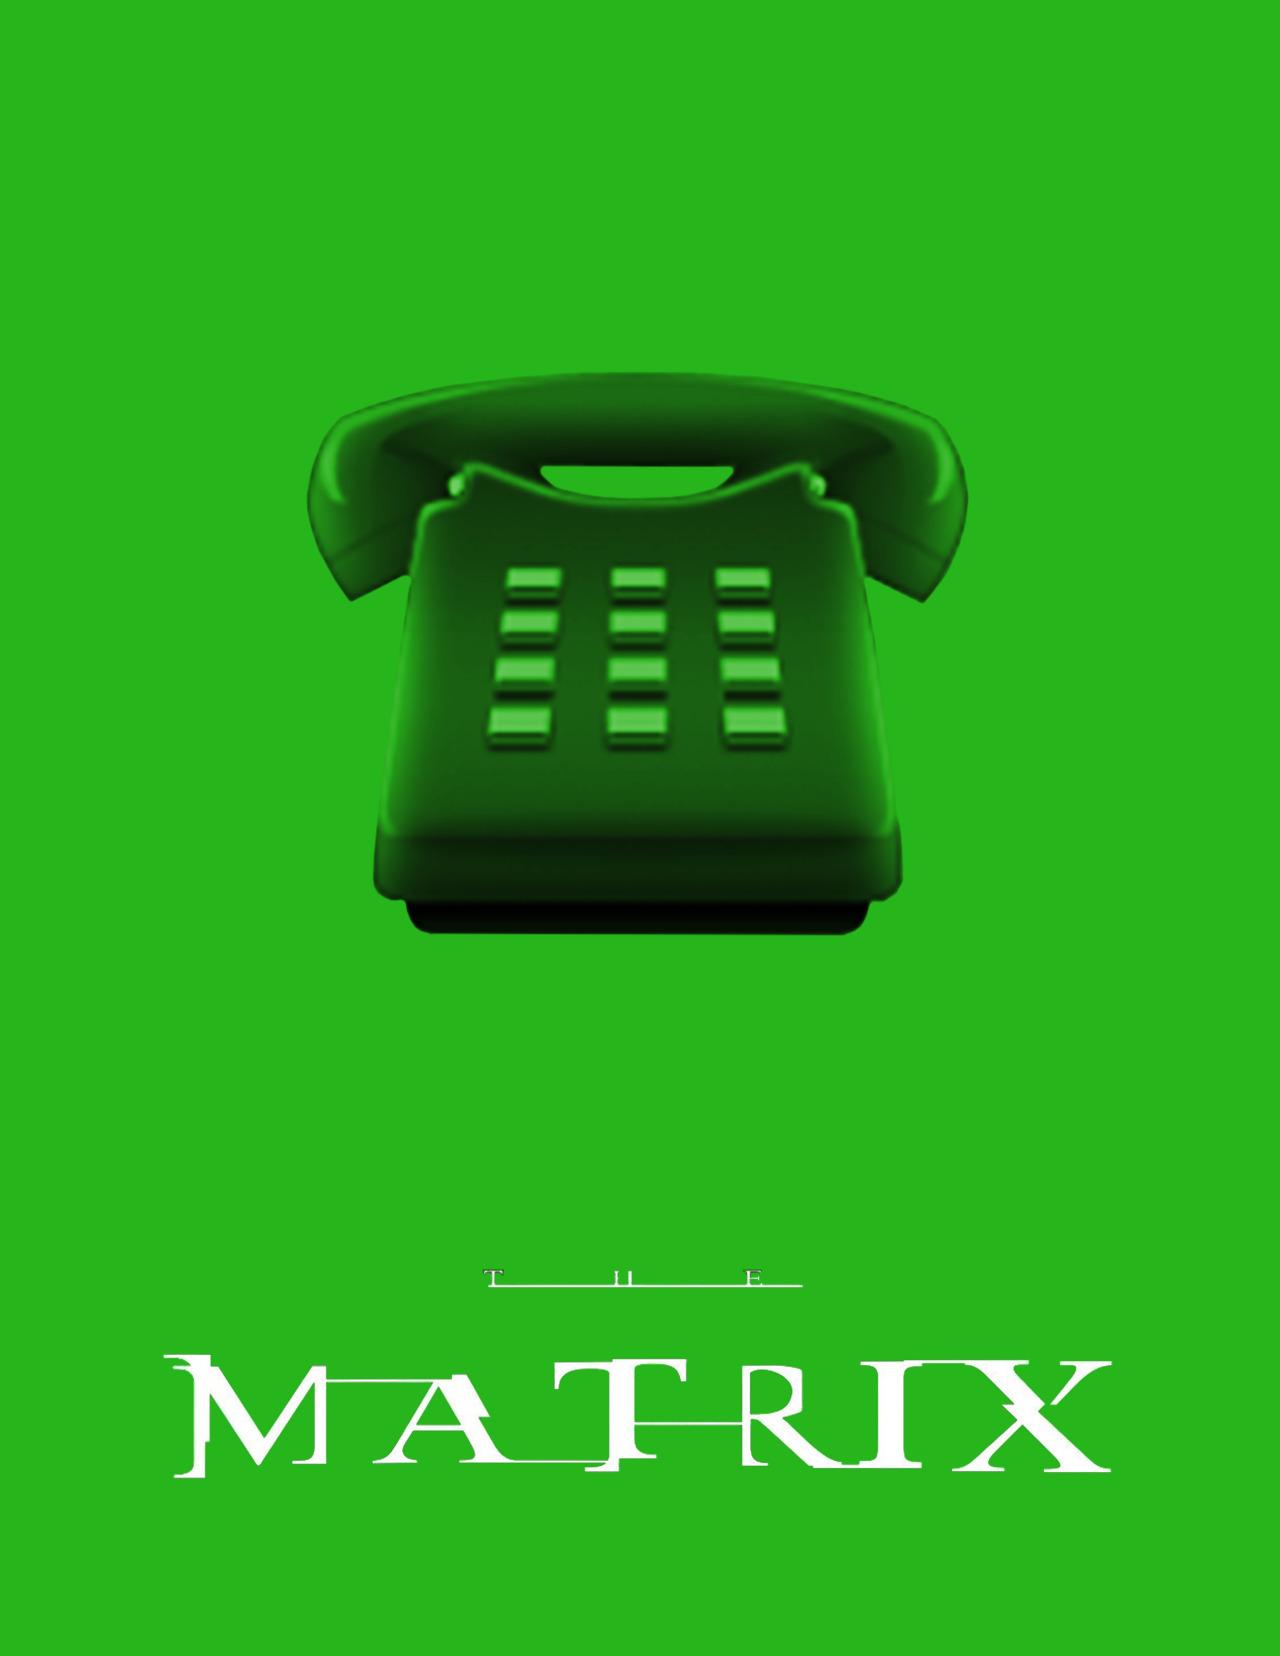 インフォグラフィック:絵文字(携帯電話)で表す映画ポスター。心に残る名作6/10